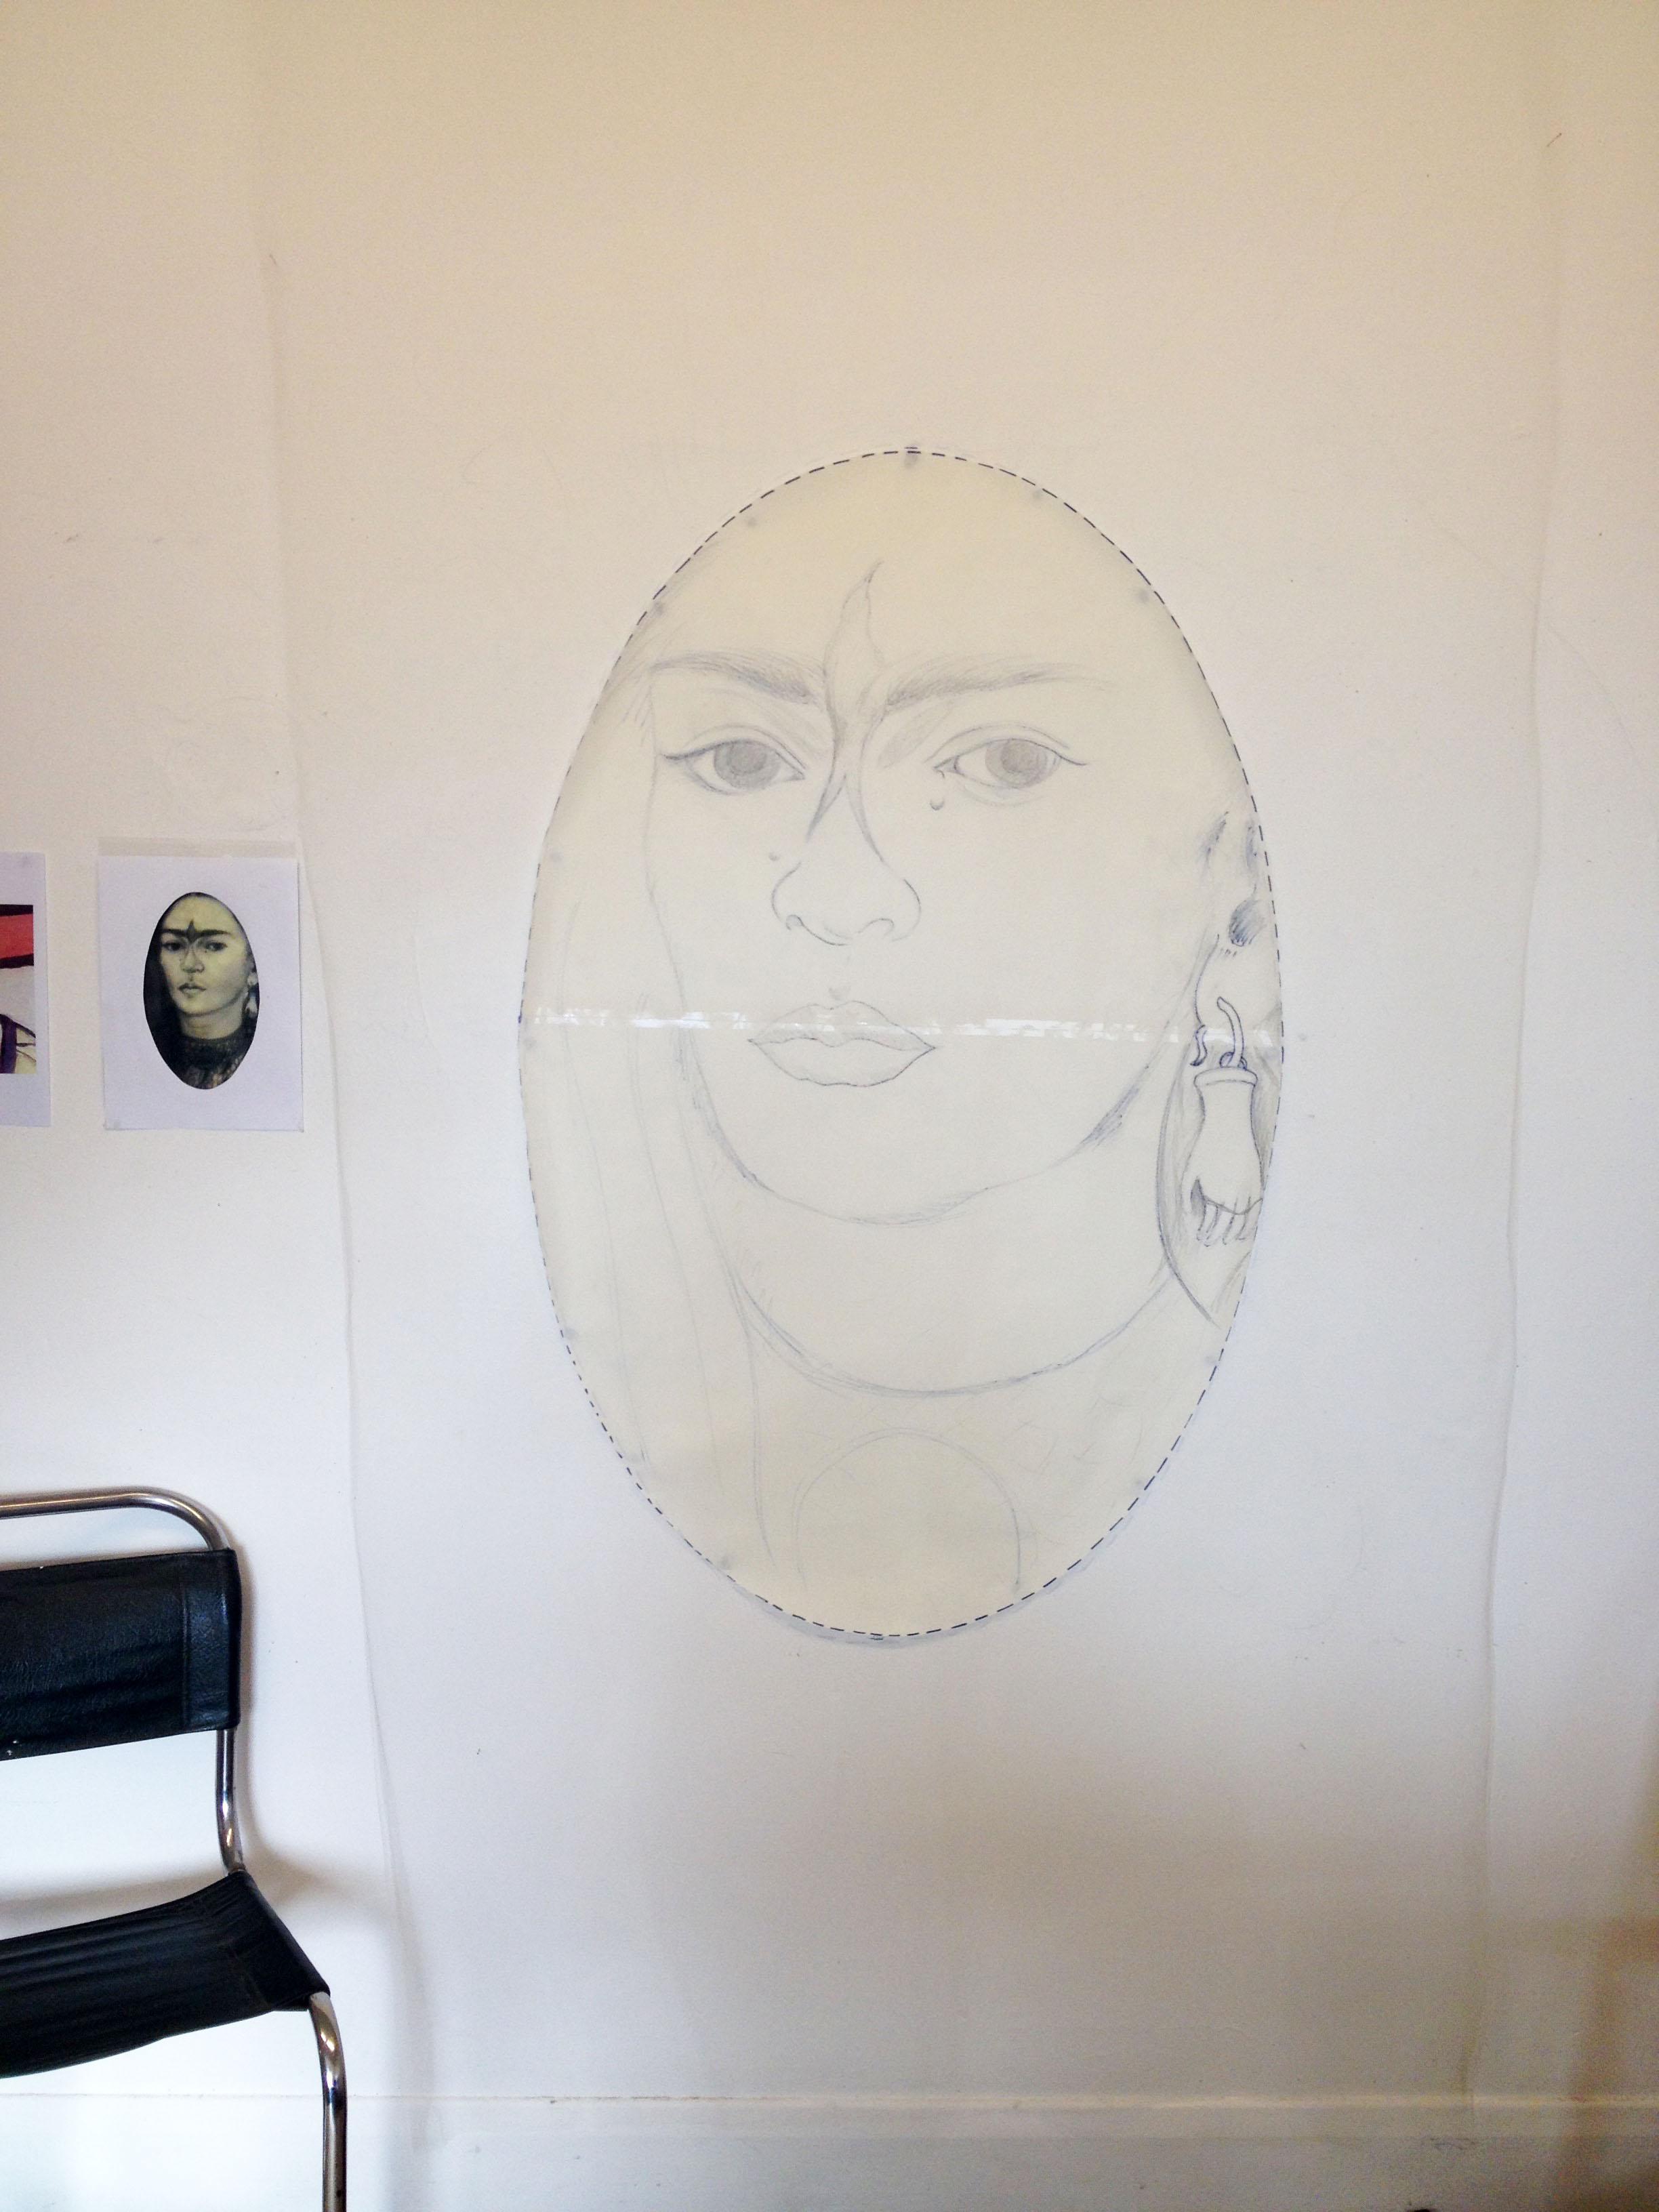 Frida - Lover's Eye #1, 2016 in progress